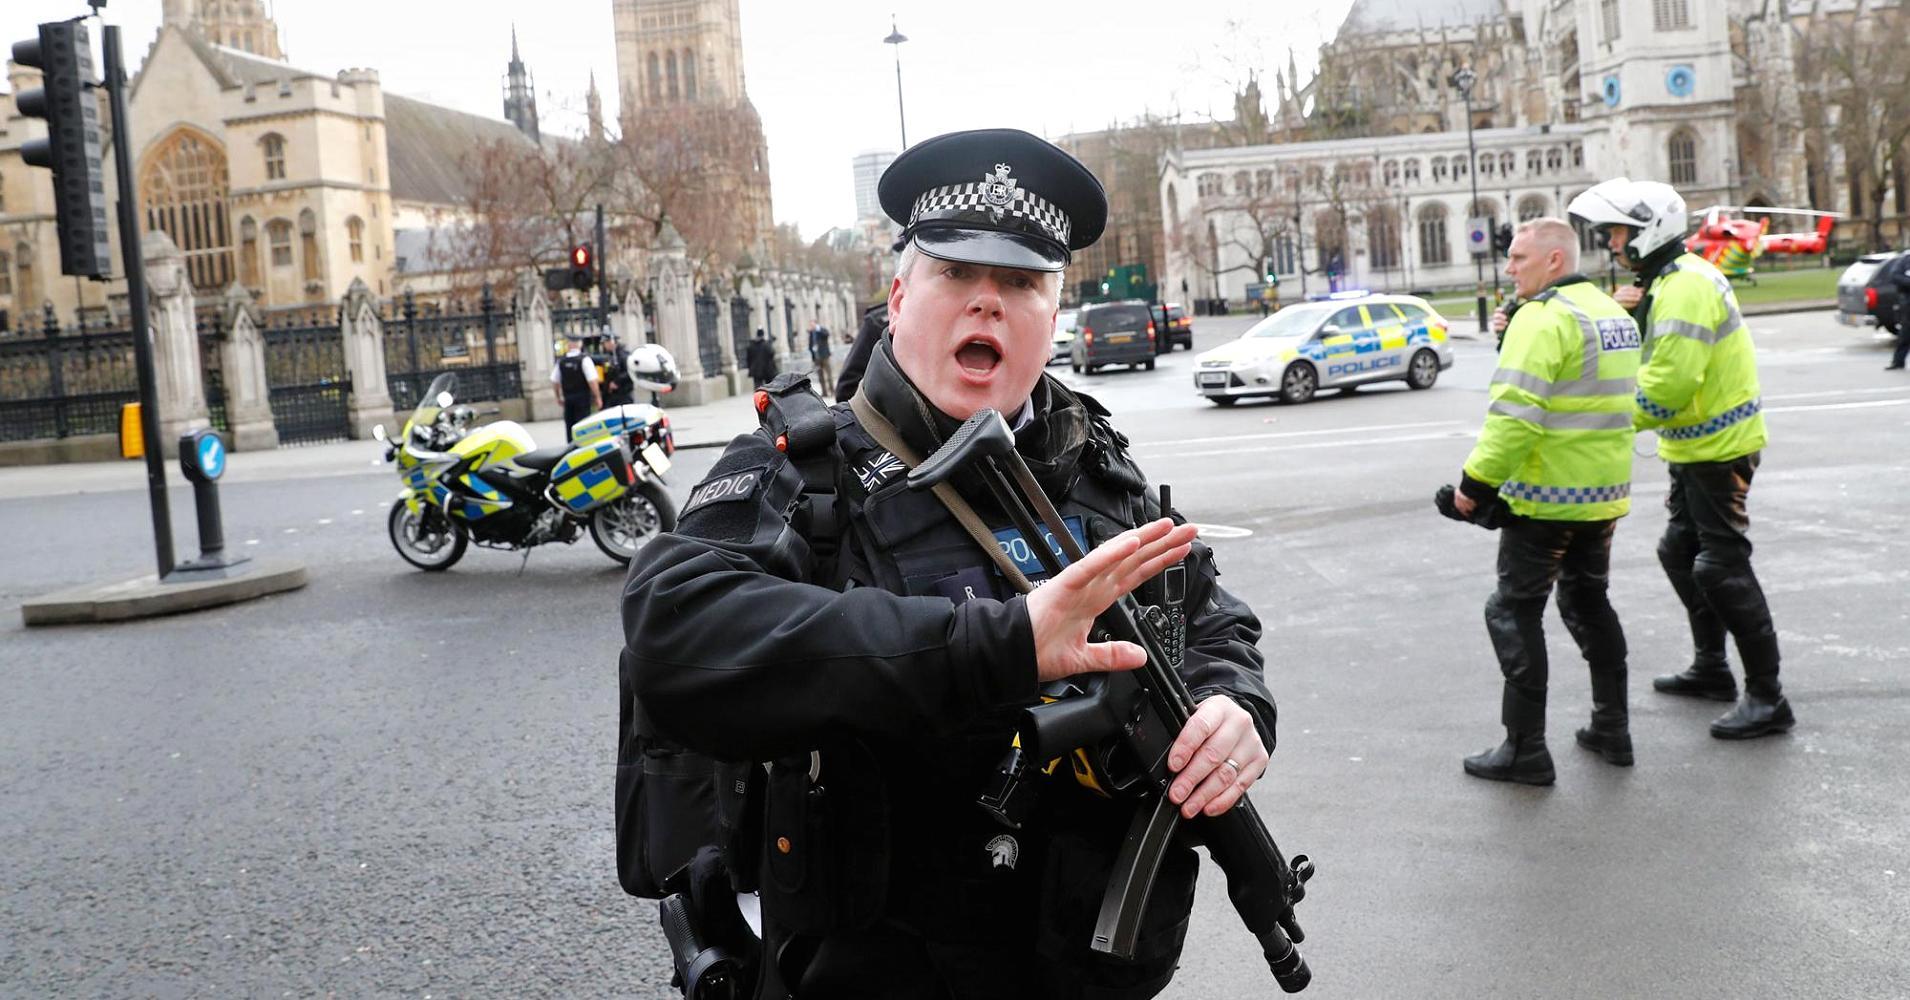 پلیس بریتانیا: کشف هویت عاملان حمله تروریستی در لندن